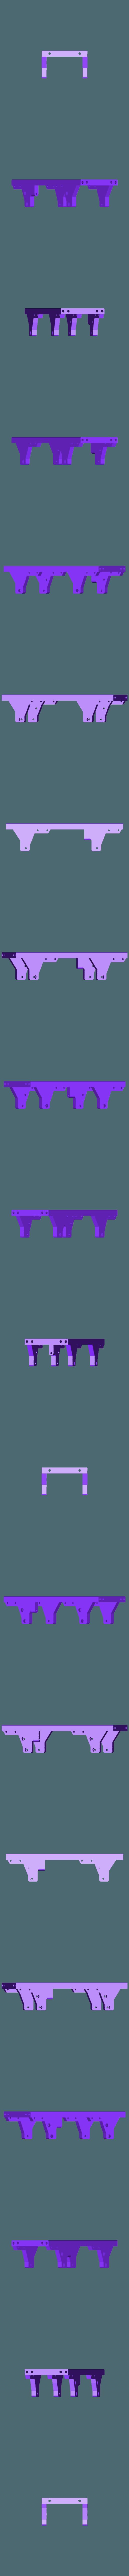 Truck_V4_Frame_B.STL Download STL file 3D Printed Rc Truck V4 • 3D printable template, MrCrankyface